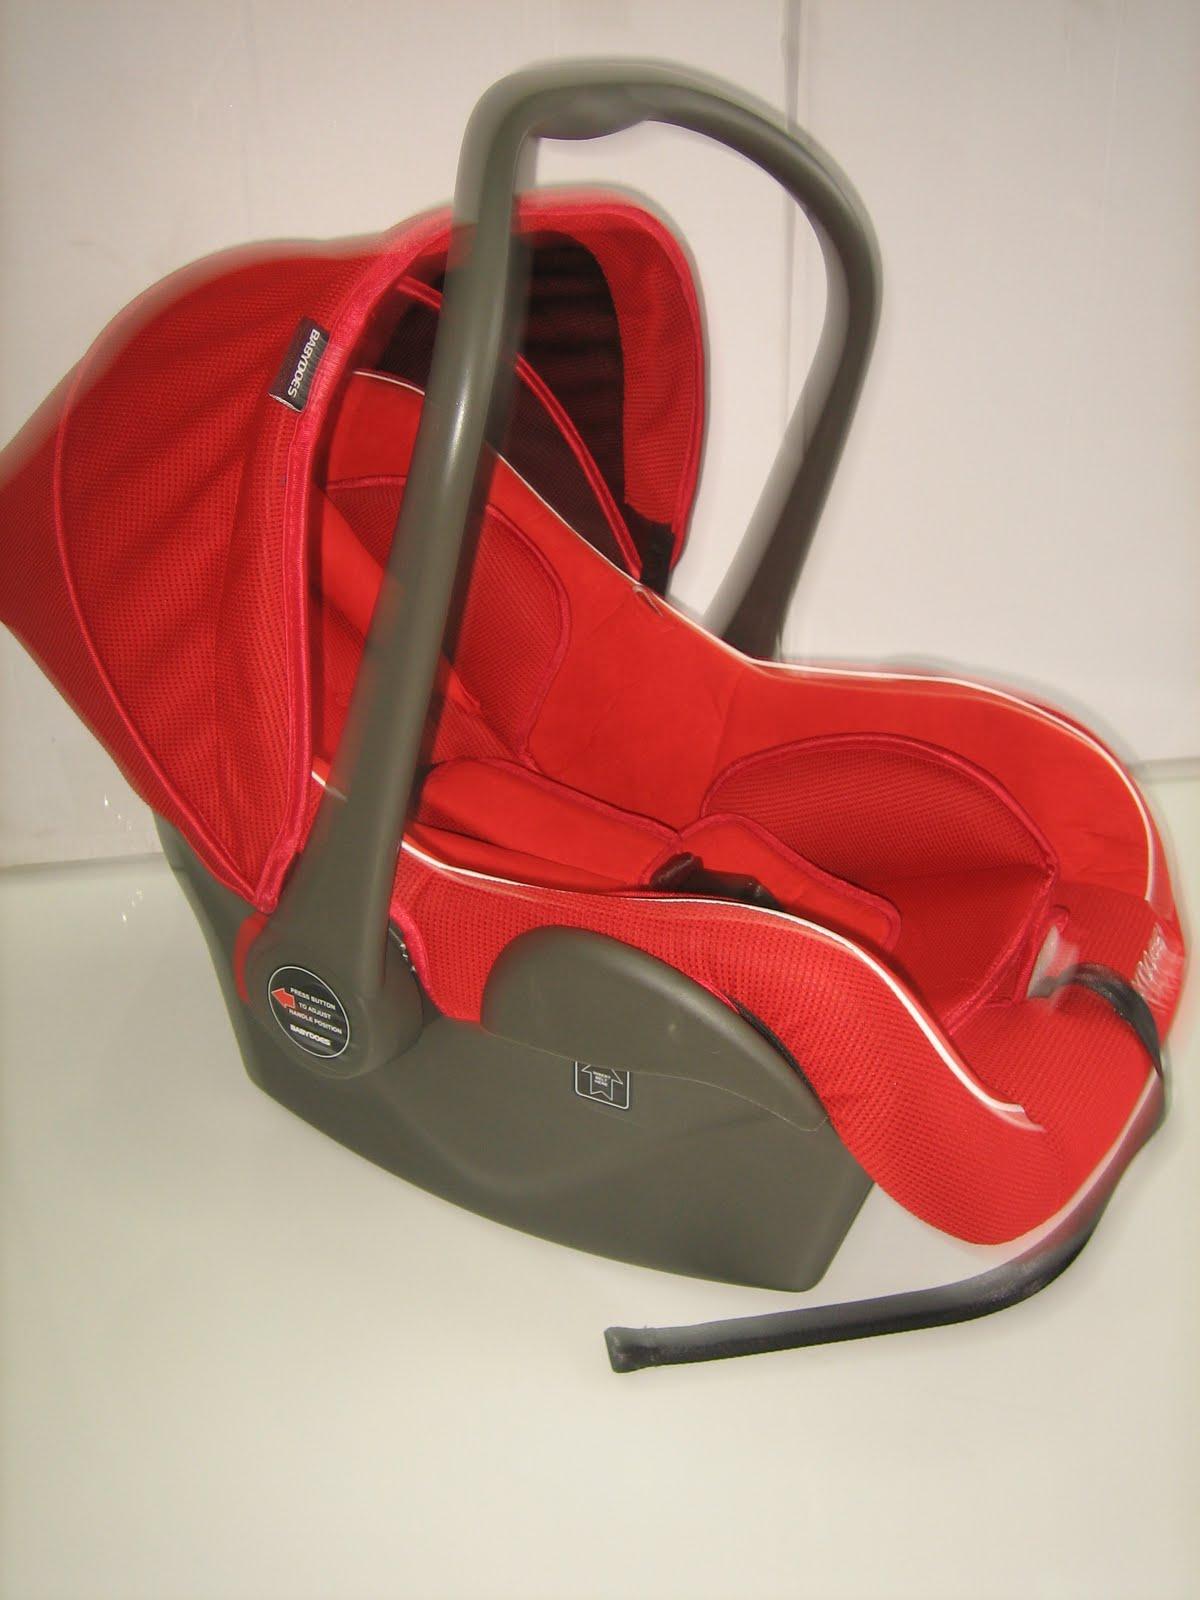 Baby Gear Open Box Floor Model Clearance Sale